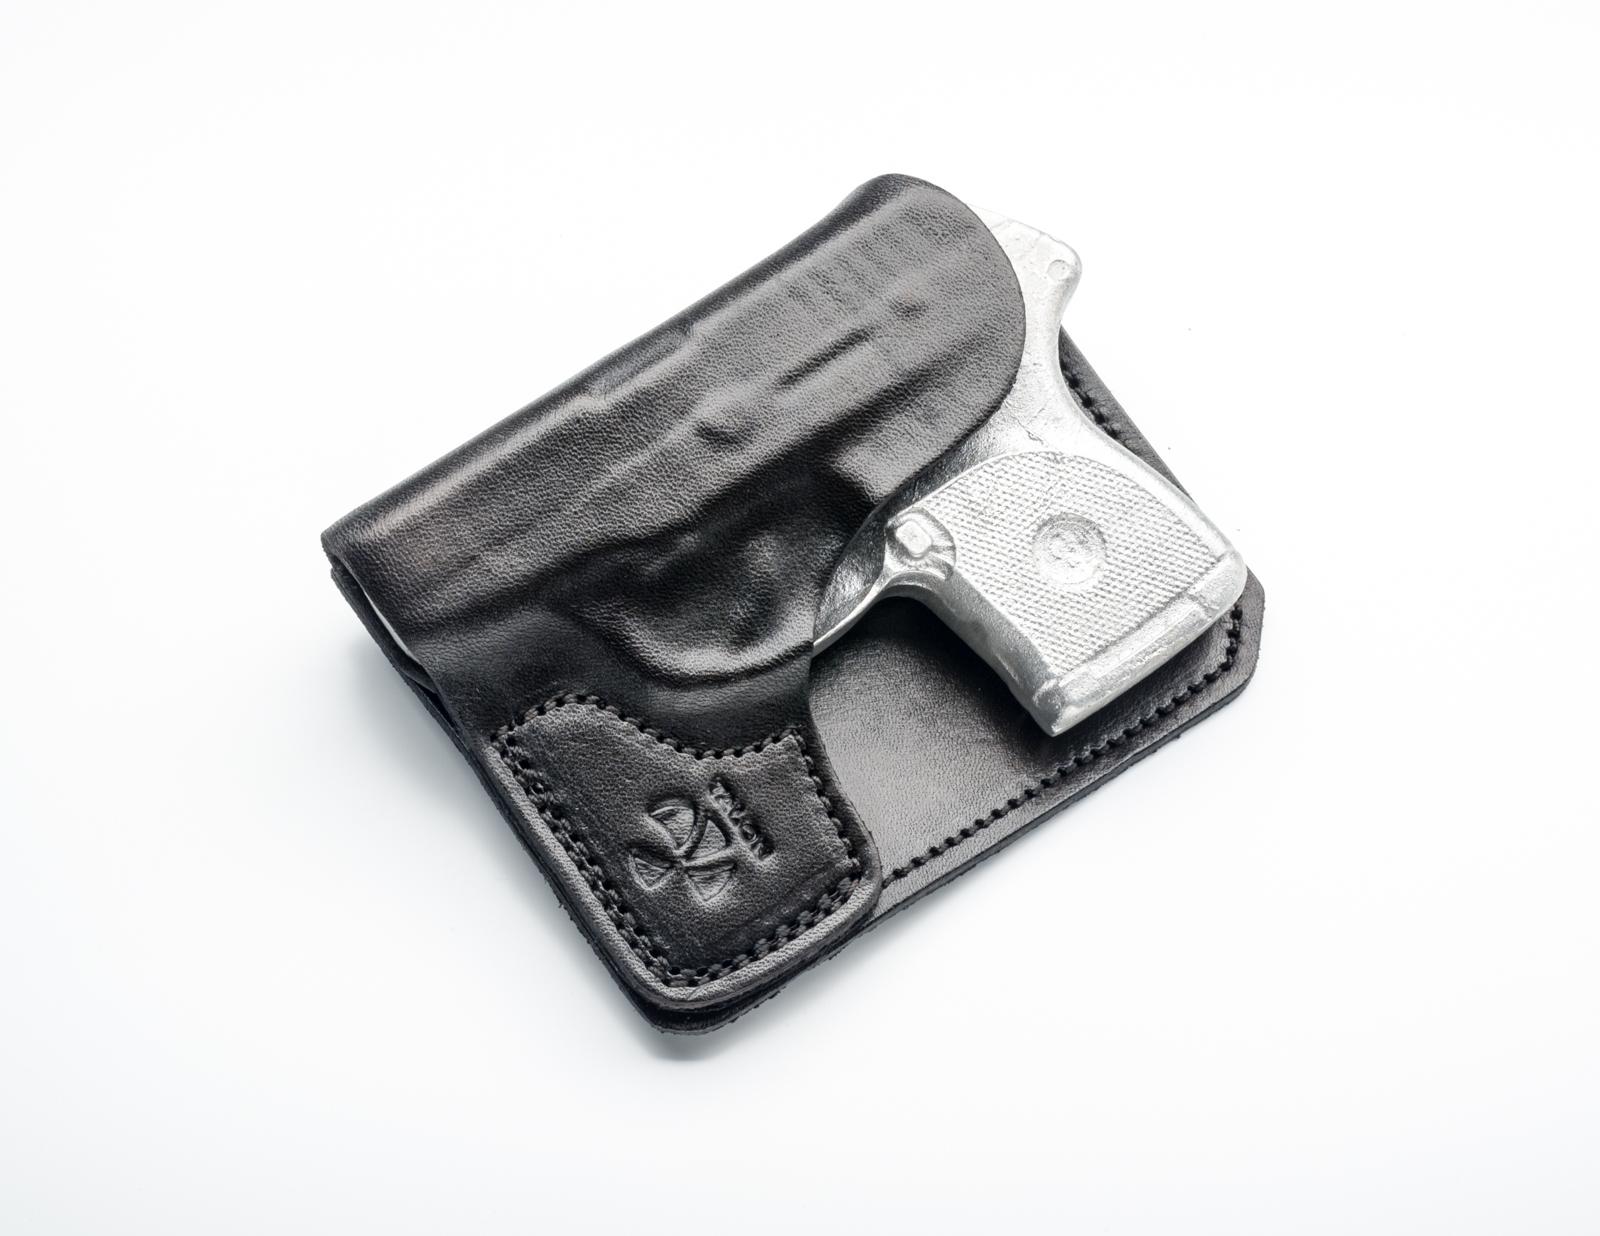 Talon-Ruger-LCP-Kel-Tec-P3AT-Wallet-Holster